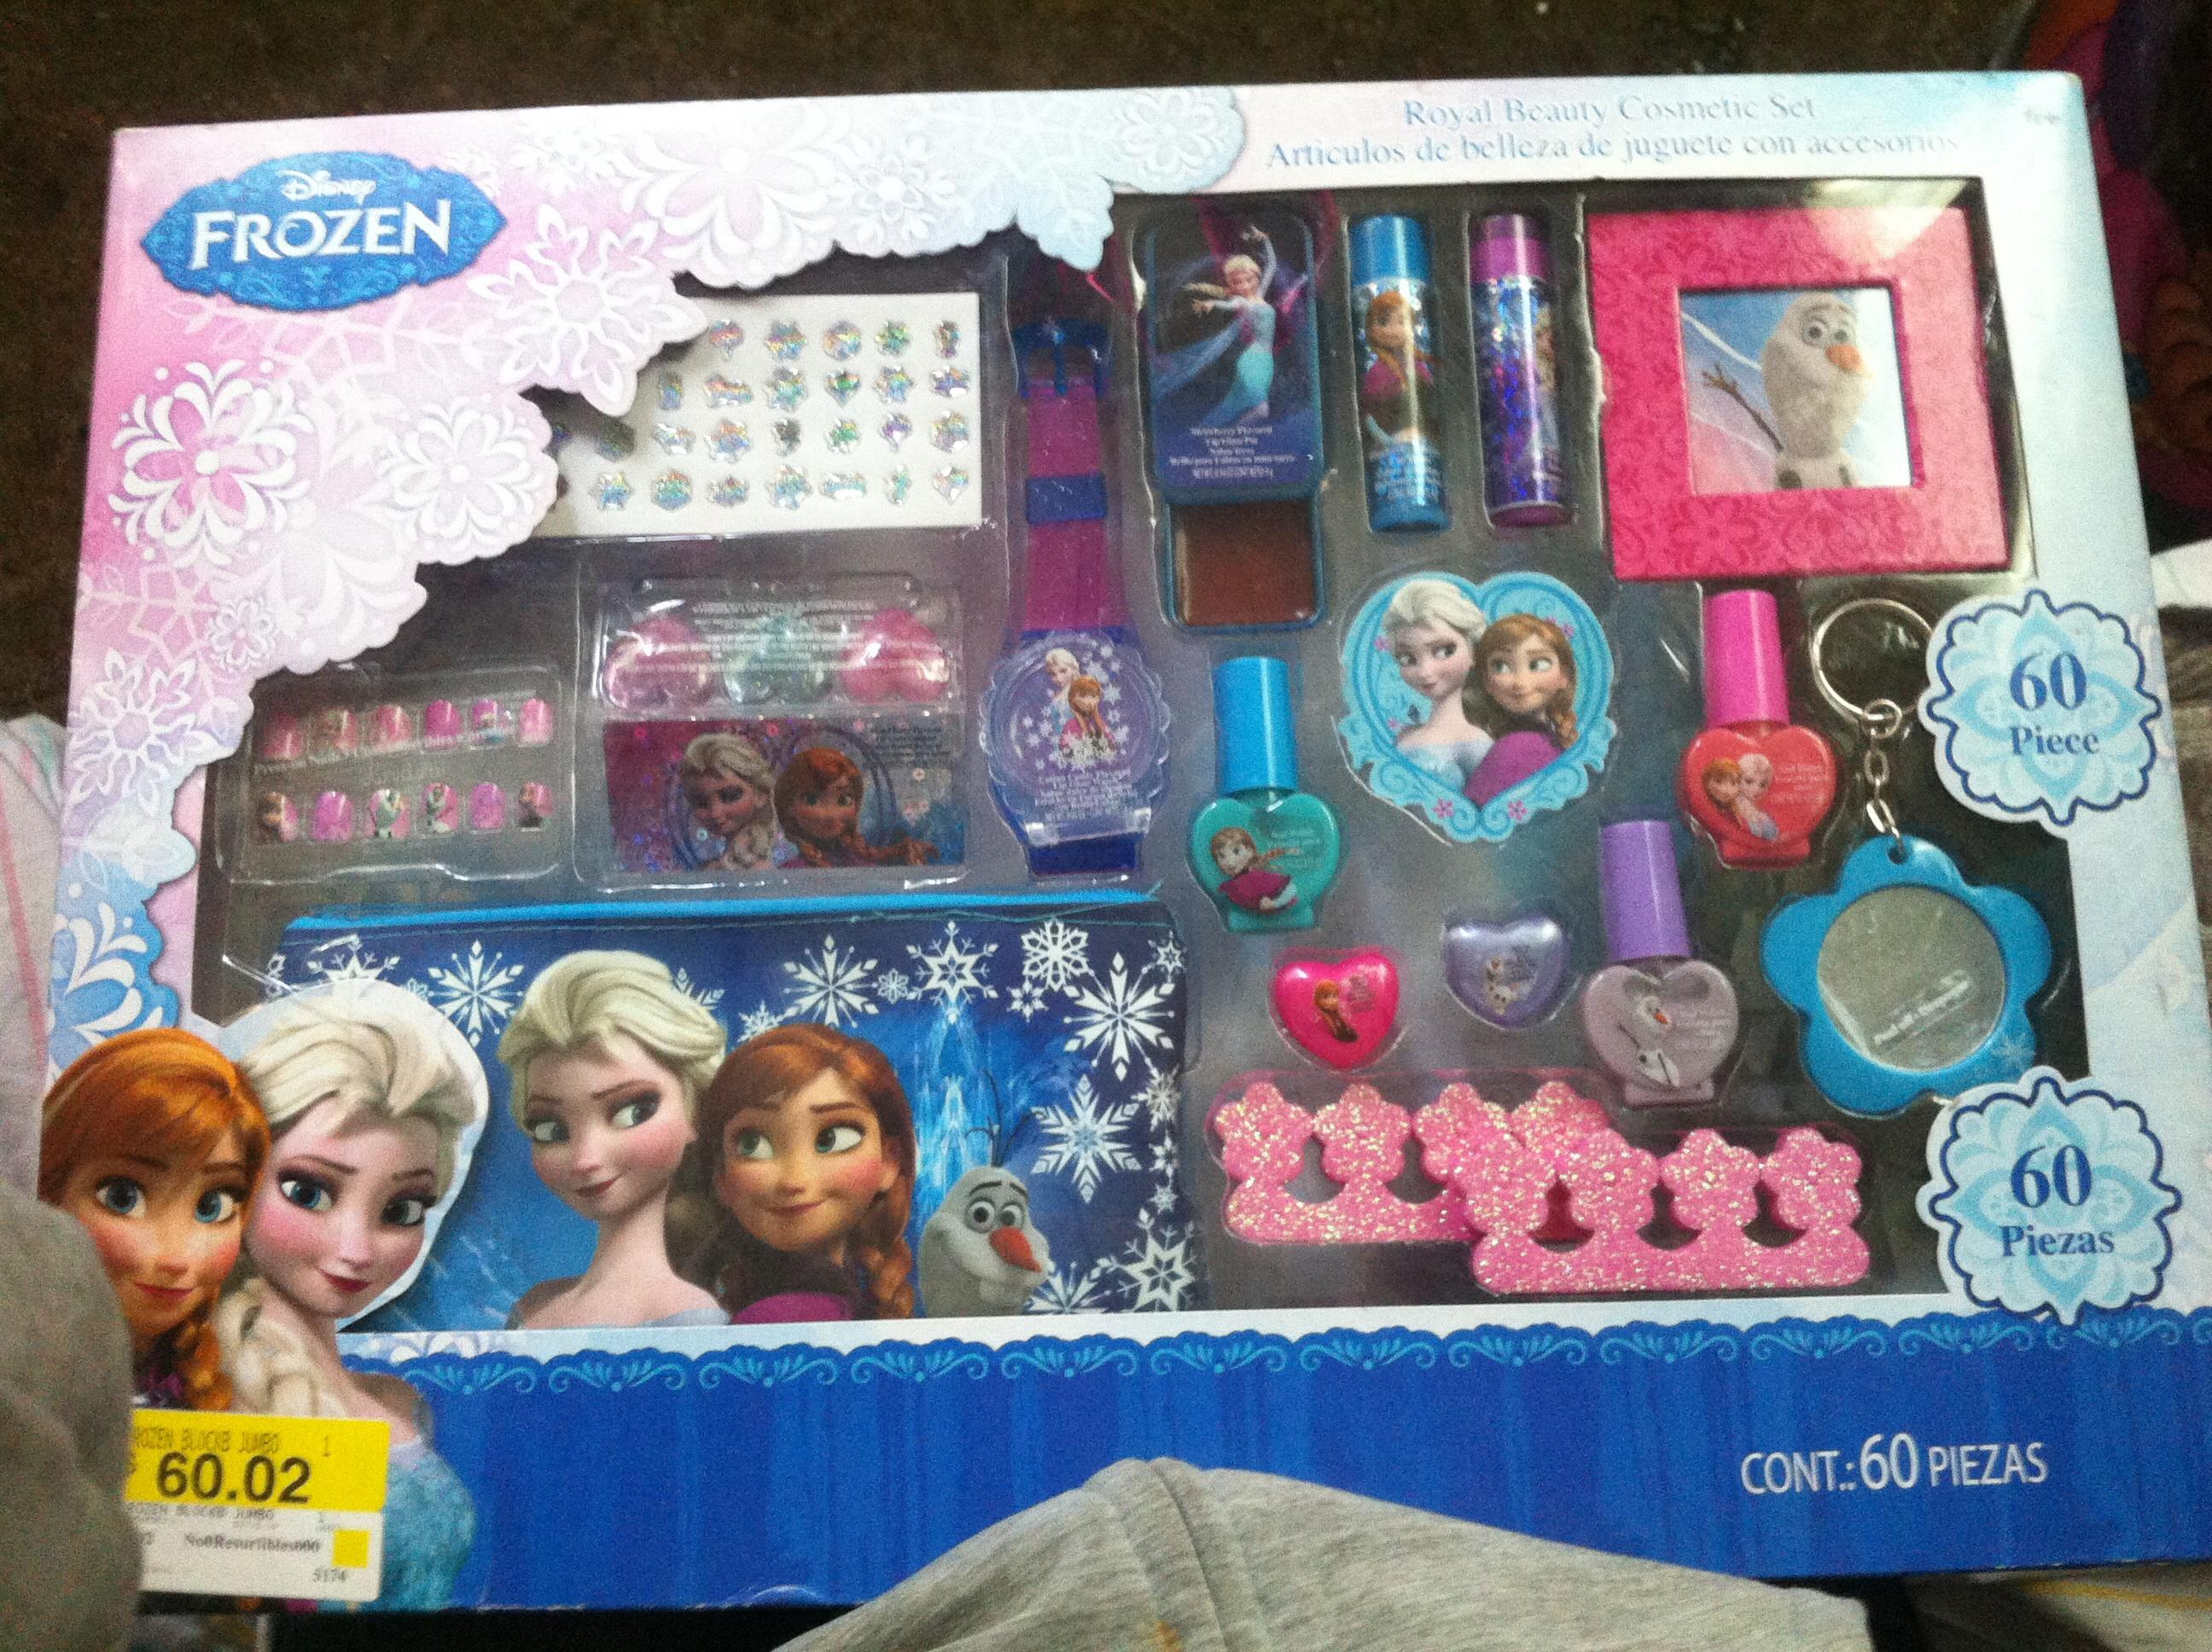 Bodega Aurrerá: Kit de belleza para niña Frozen a $60